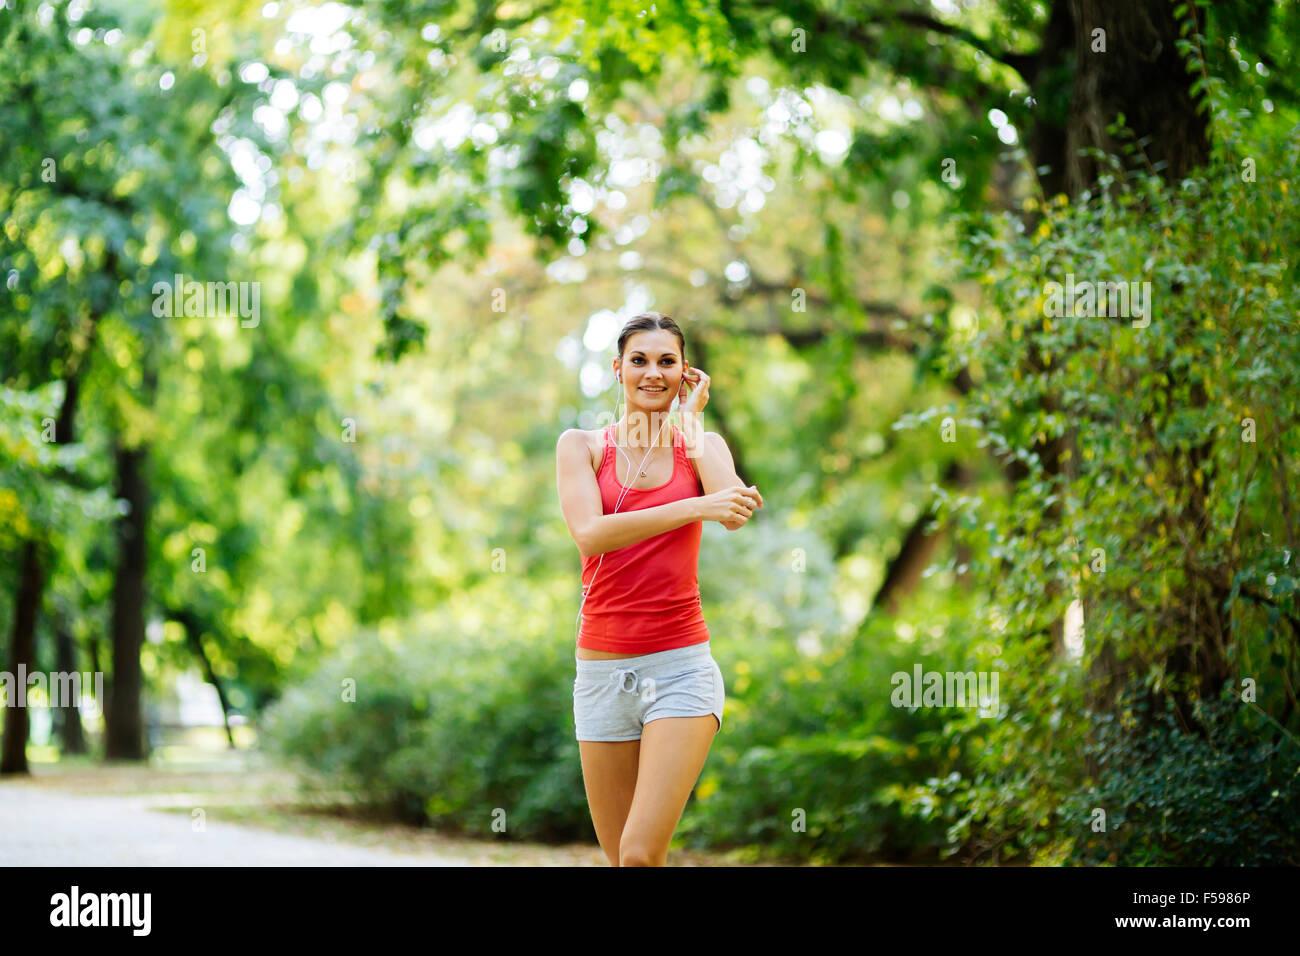 Giovane e bella jogging nel parco ascoltare la musica tramite auricolari mentre è in esecuzione Immagini Stock